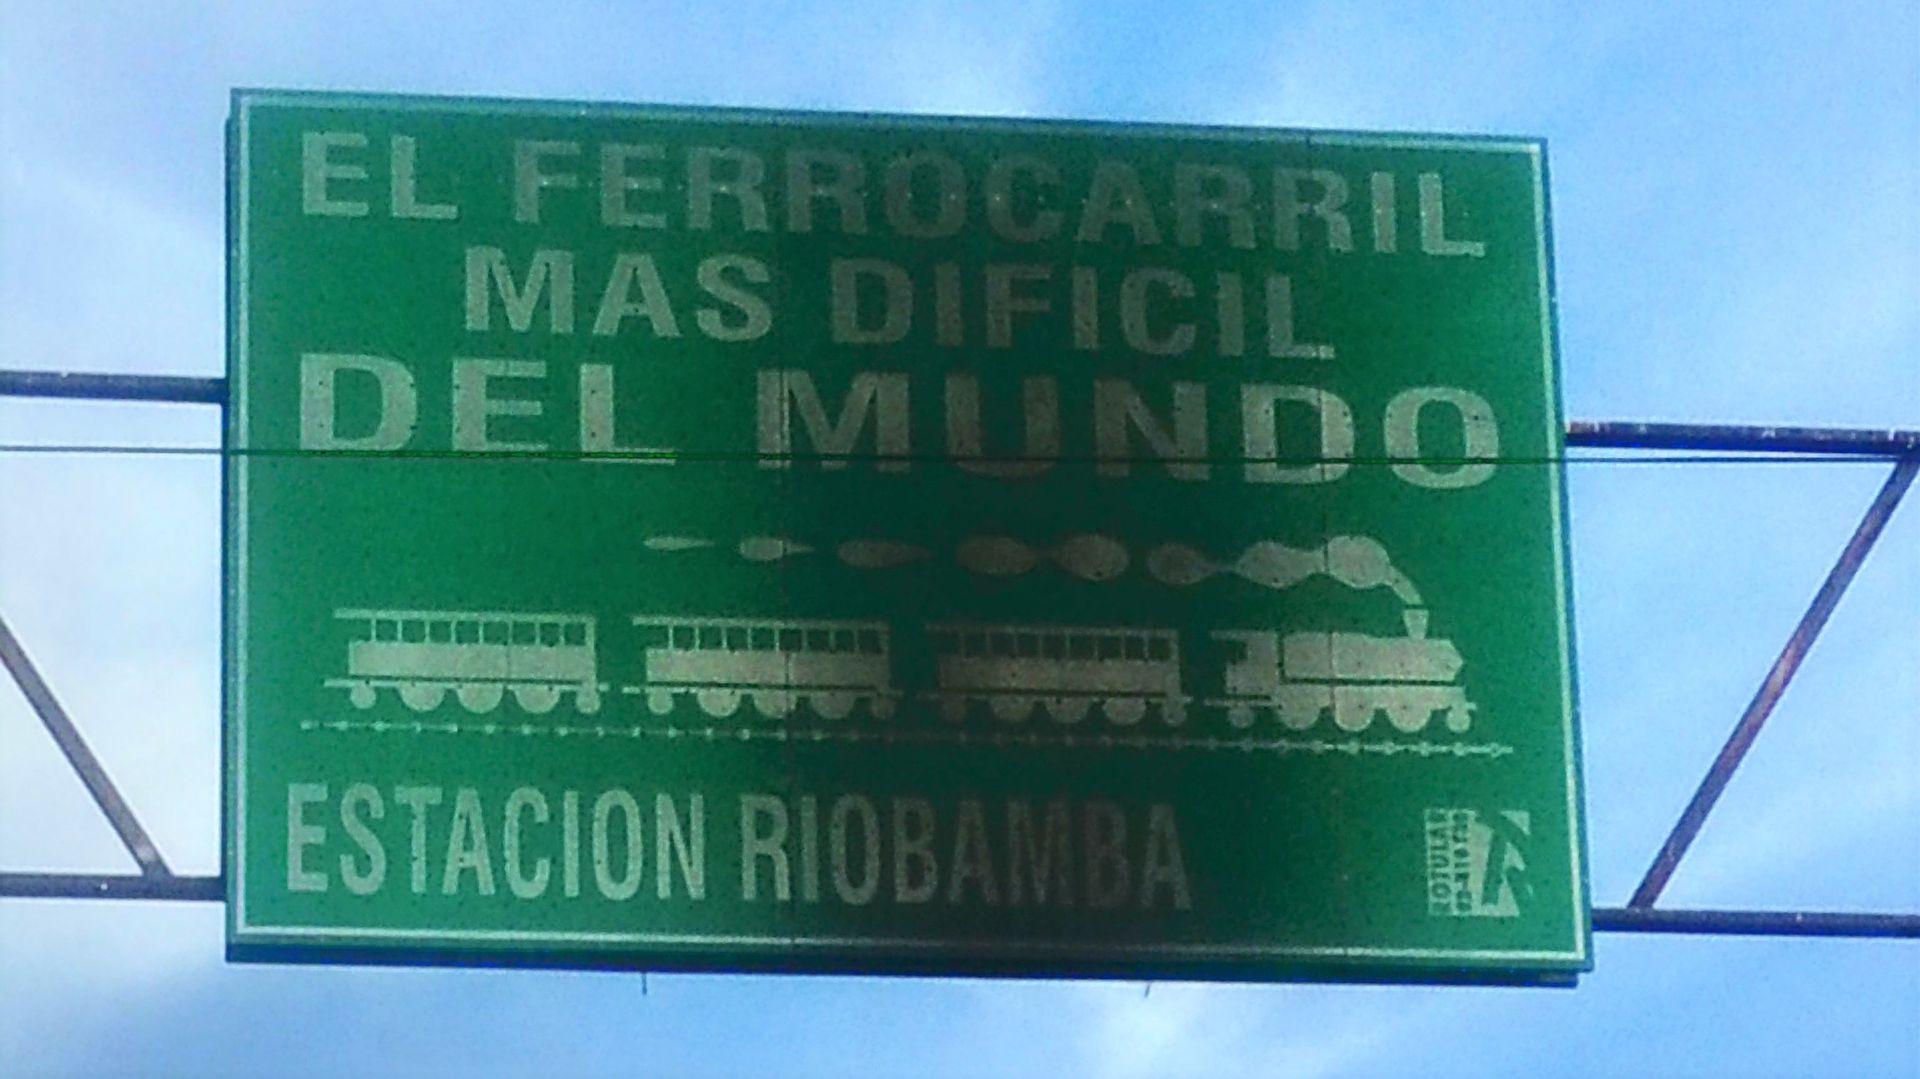 In Riobamba wird stolz auf die einst schwierigste Strecke der Welt hingewiesen.